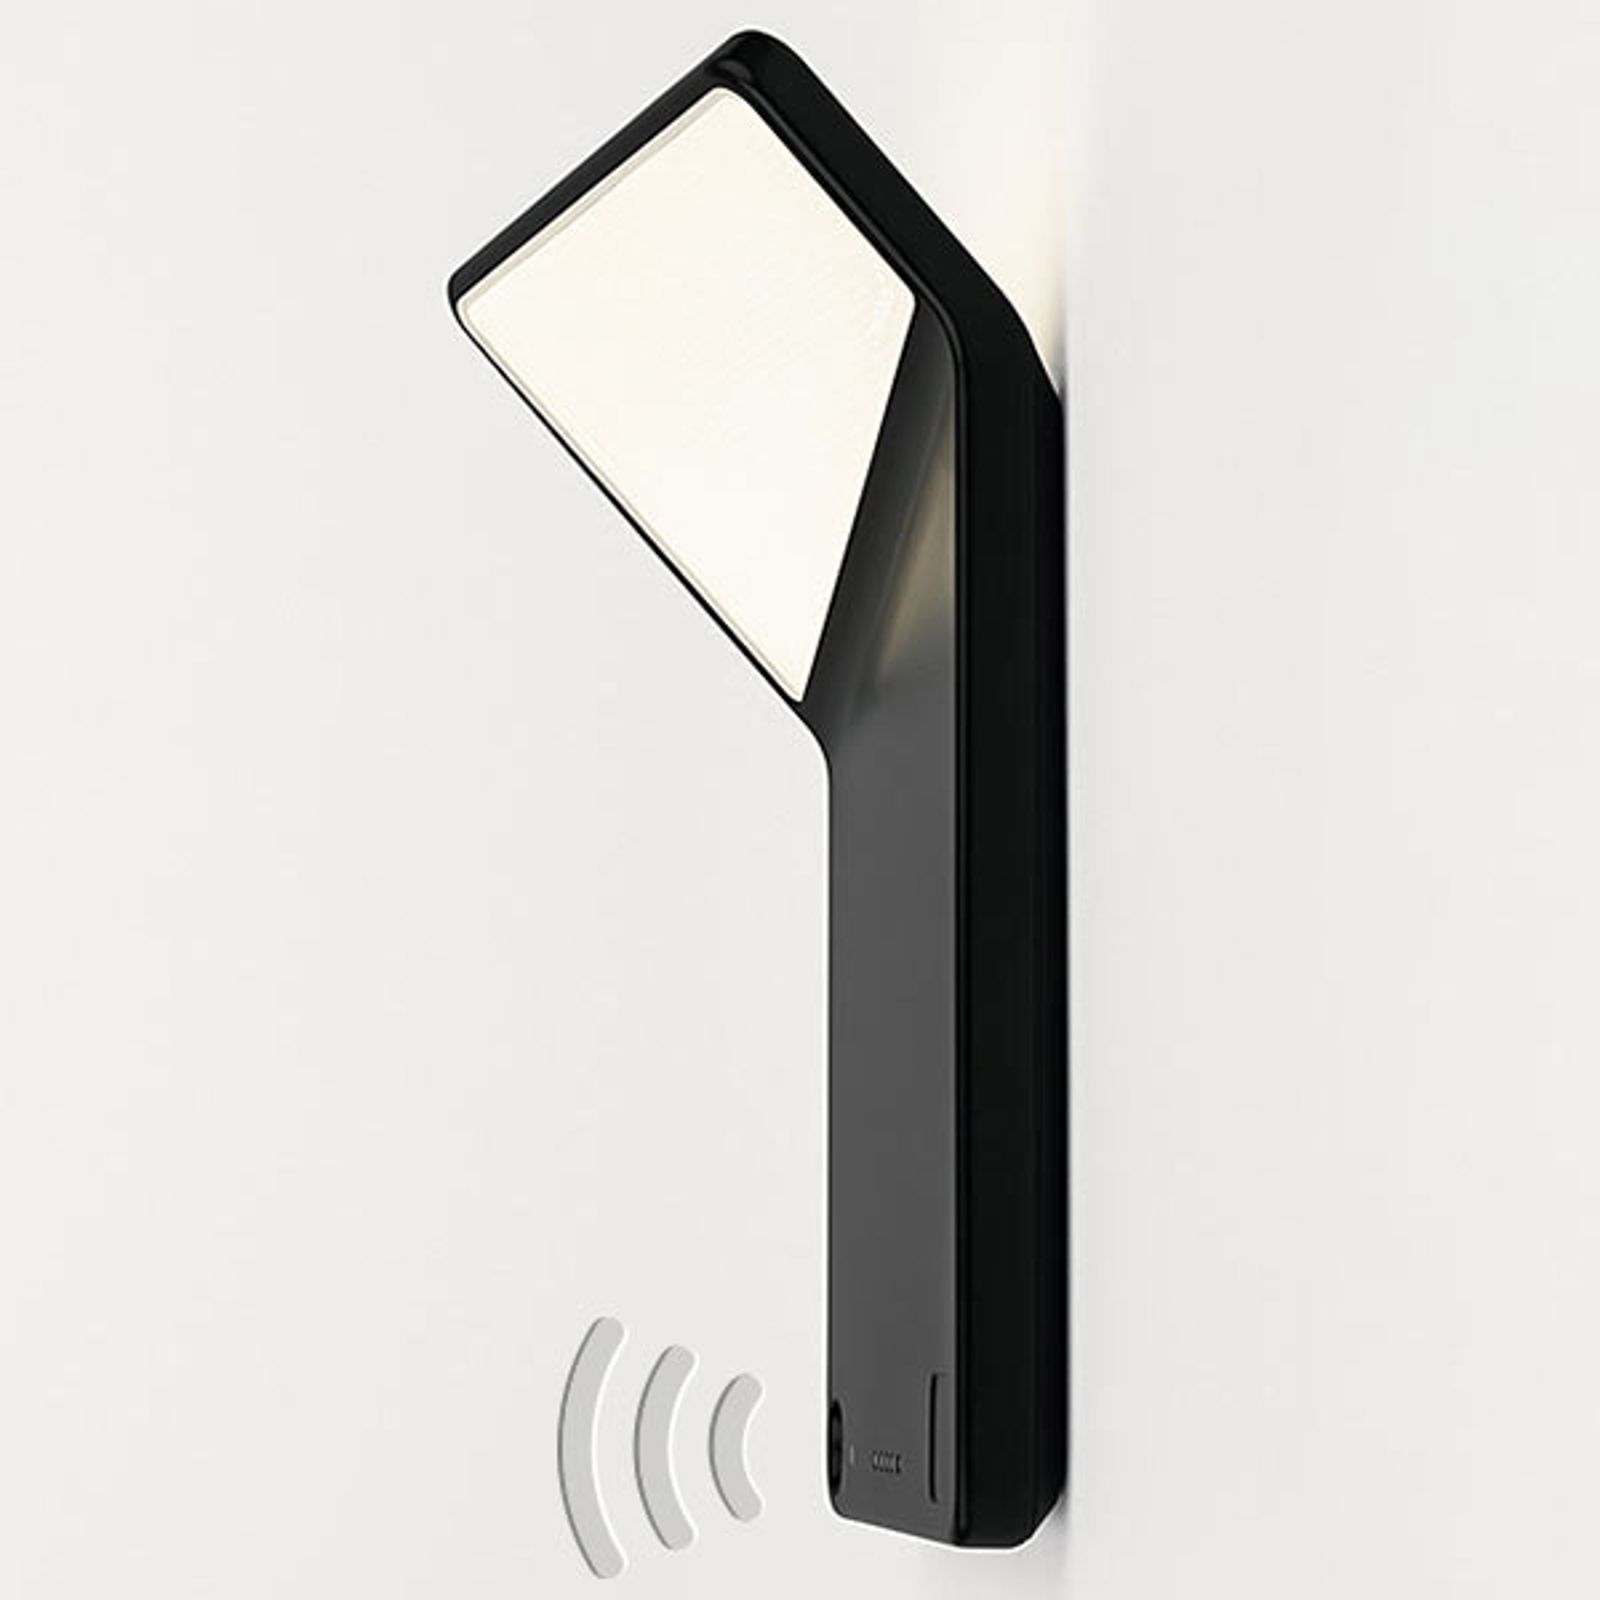 Nimbus Winglet CL LED wandlamp met accu